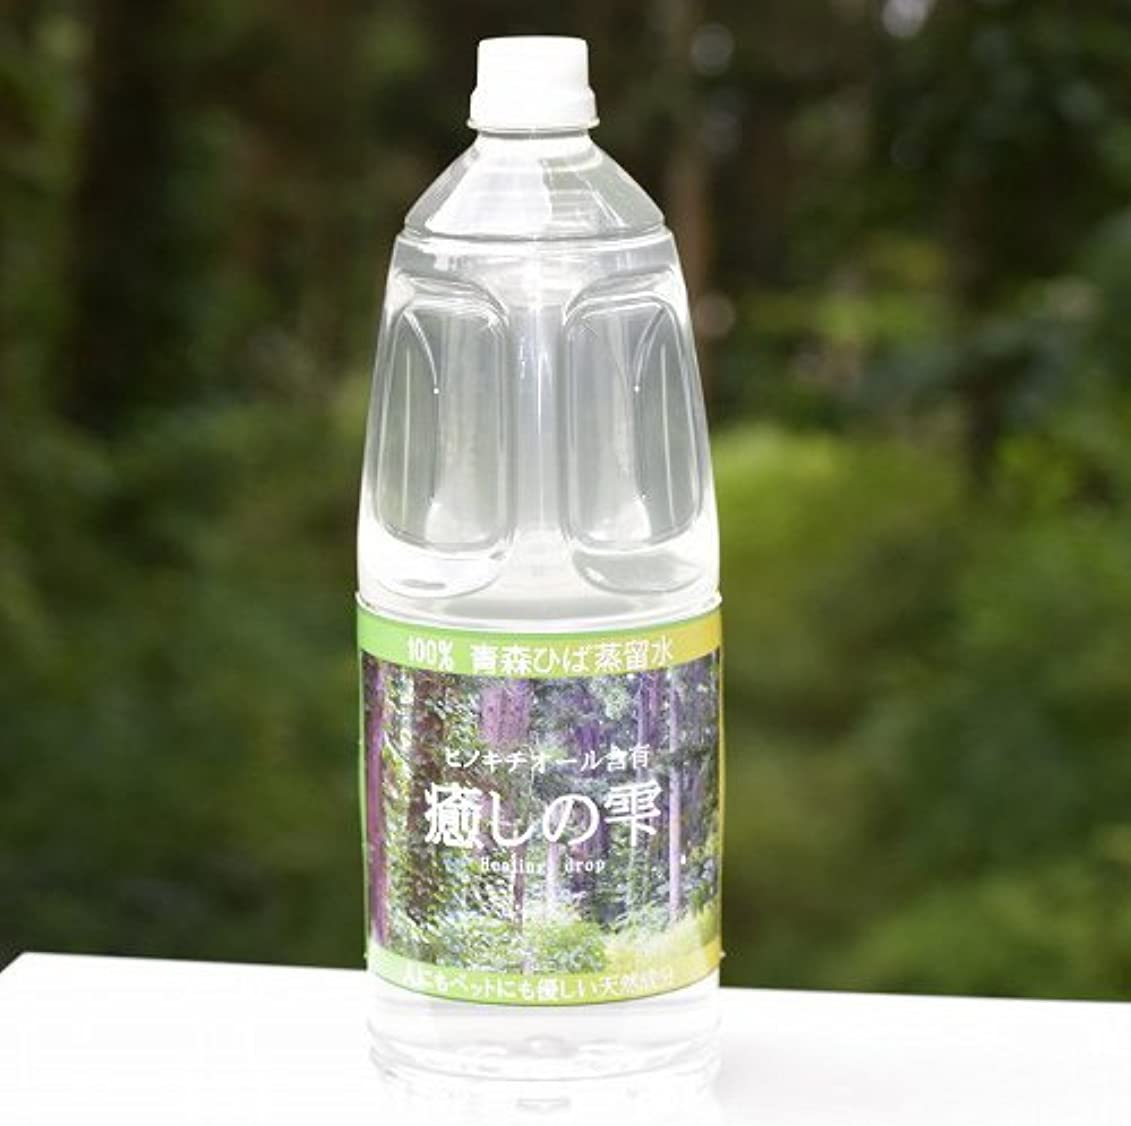 シャックル描く従う青森ひば 天然ヒバ水 癒しの雫 蒸留水 送料無料 1.8L×1本 お試し